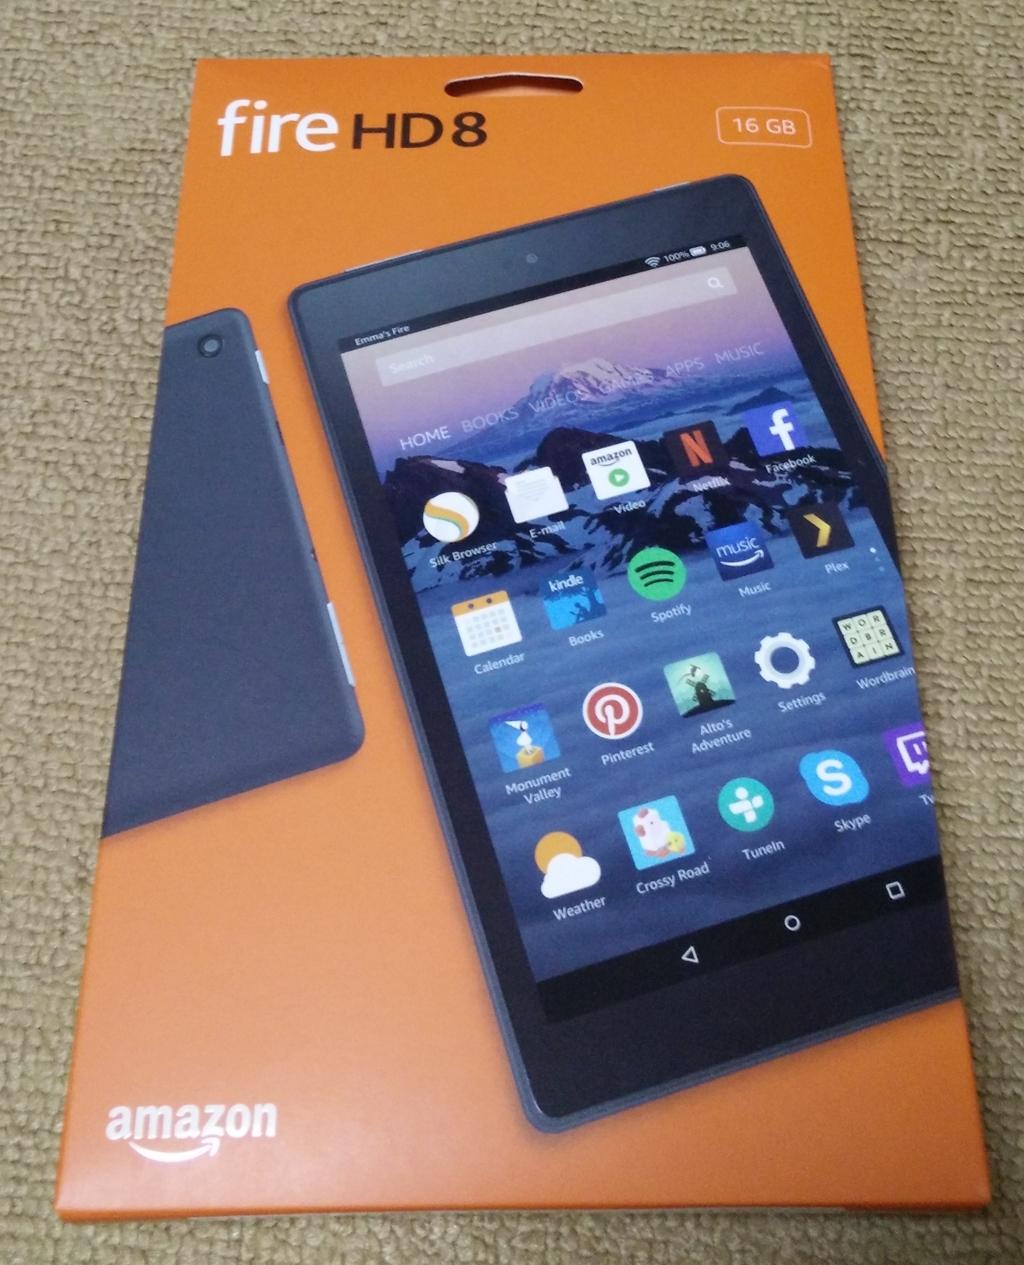 Amazonの「Fire HD 8 タブレット」を買ったので、軽くレビュー